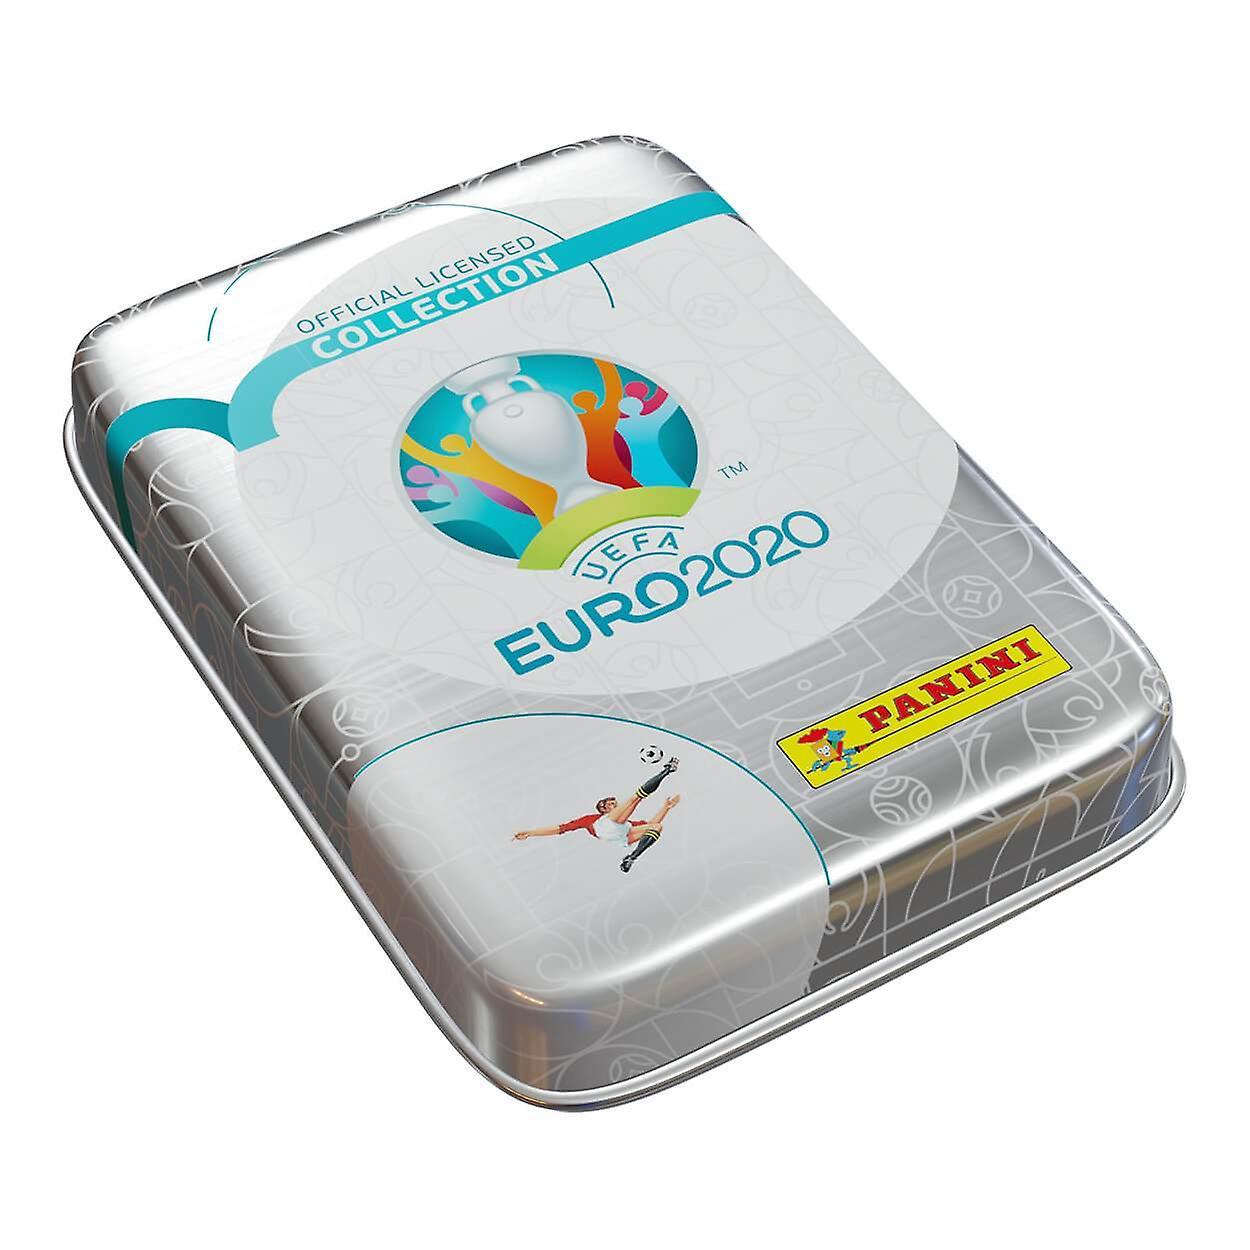 PANINI UEFA EURO 2020 ADRENALYN XL TRADING CARD COLLECTORS POCKET TIN EURO 2020